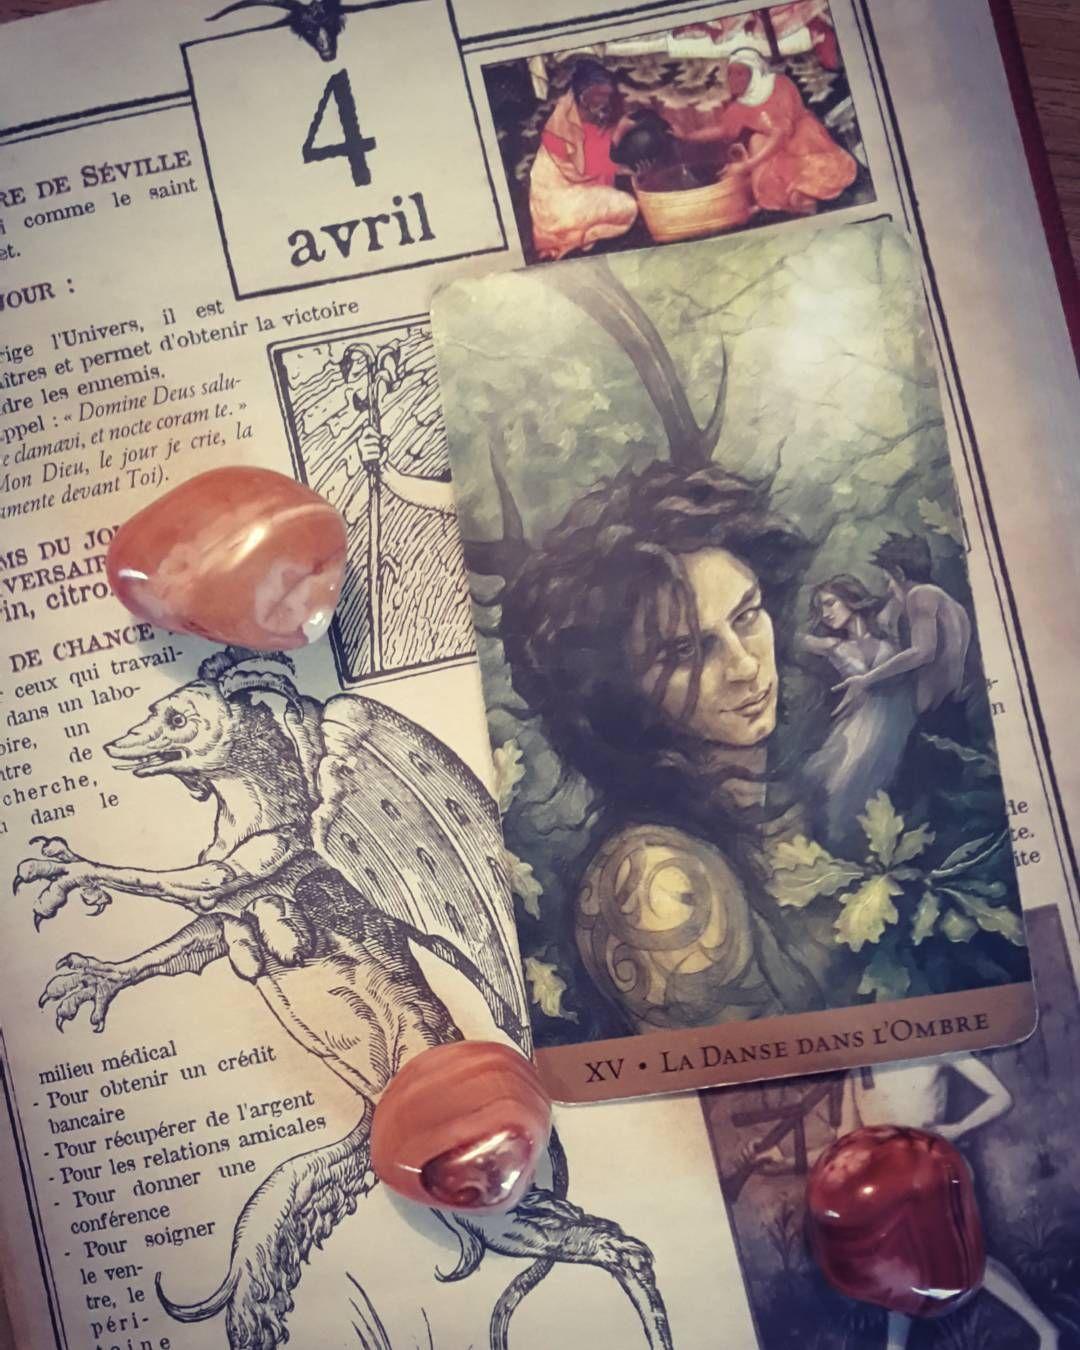 Arcane du jour Le Diable  Mot clé : La Passion #witches #witchbook #arcana #arcane #inconscient #intuition #tarotdeck #taromancy #taromancie #tarotcards #cartomancie #cartomancy #readingtarot #tarotspread #tarotreader #witchesofinstagram #witch by meliemelusine